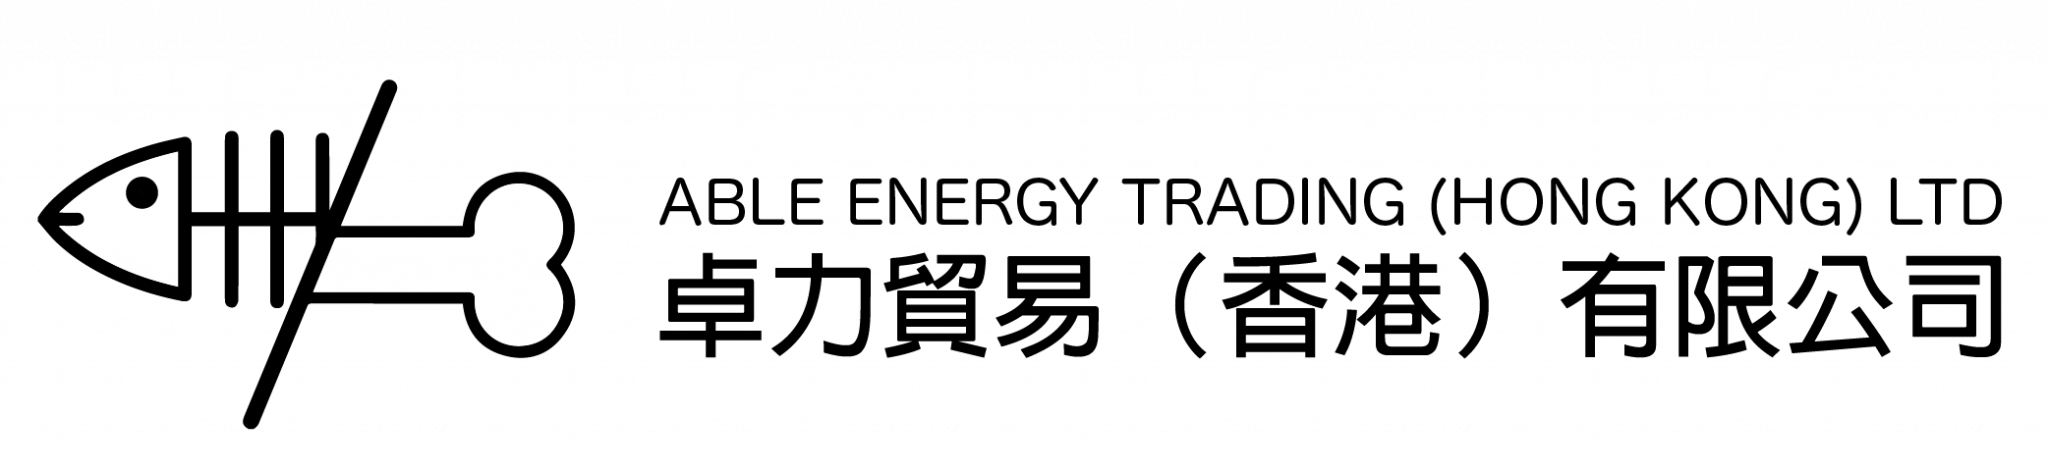 卓力貿易(香港)有限公司